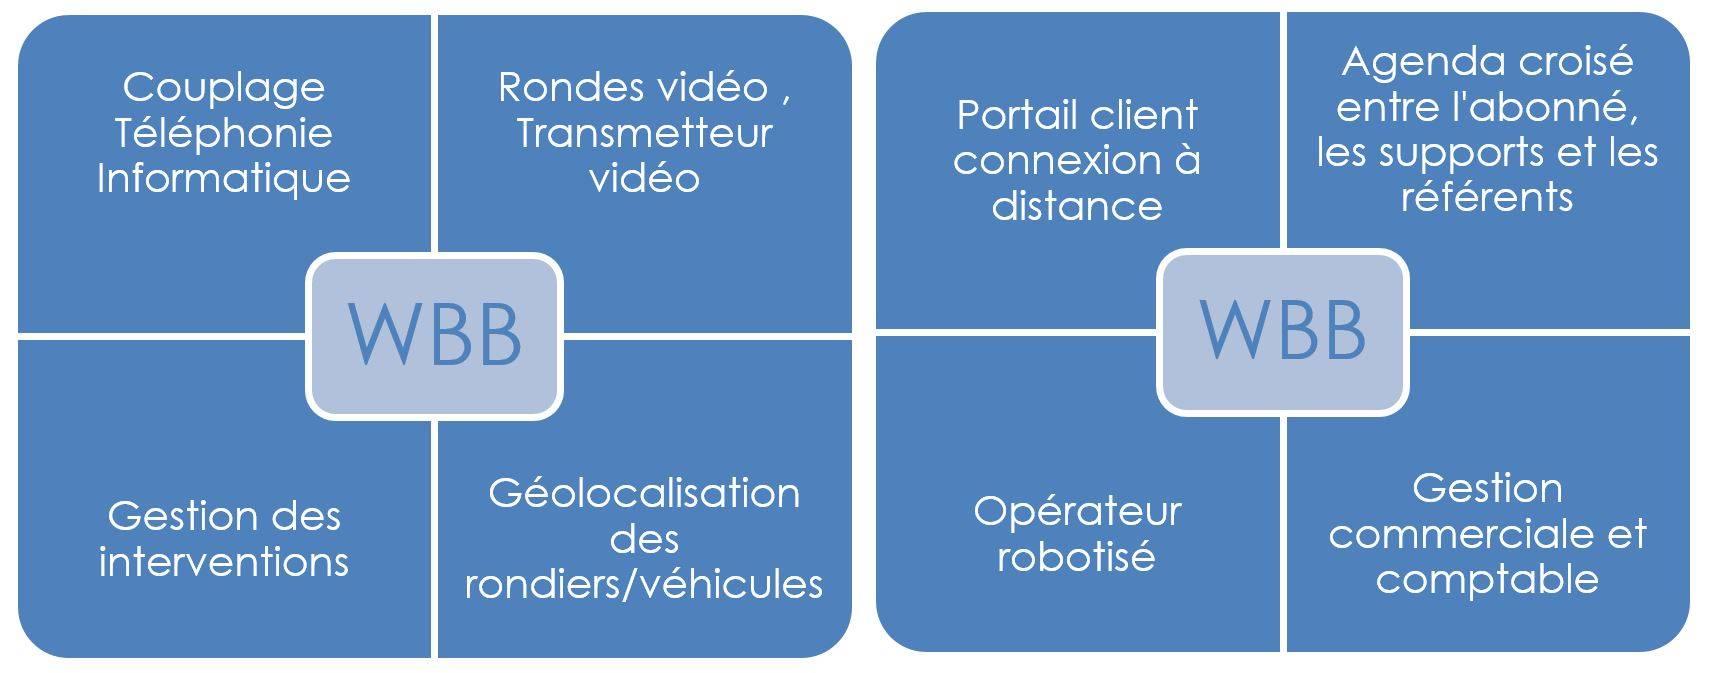 CTI - ronde vidéo - Géolocalisation - Gestion commerciale